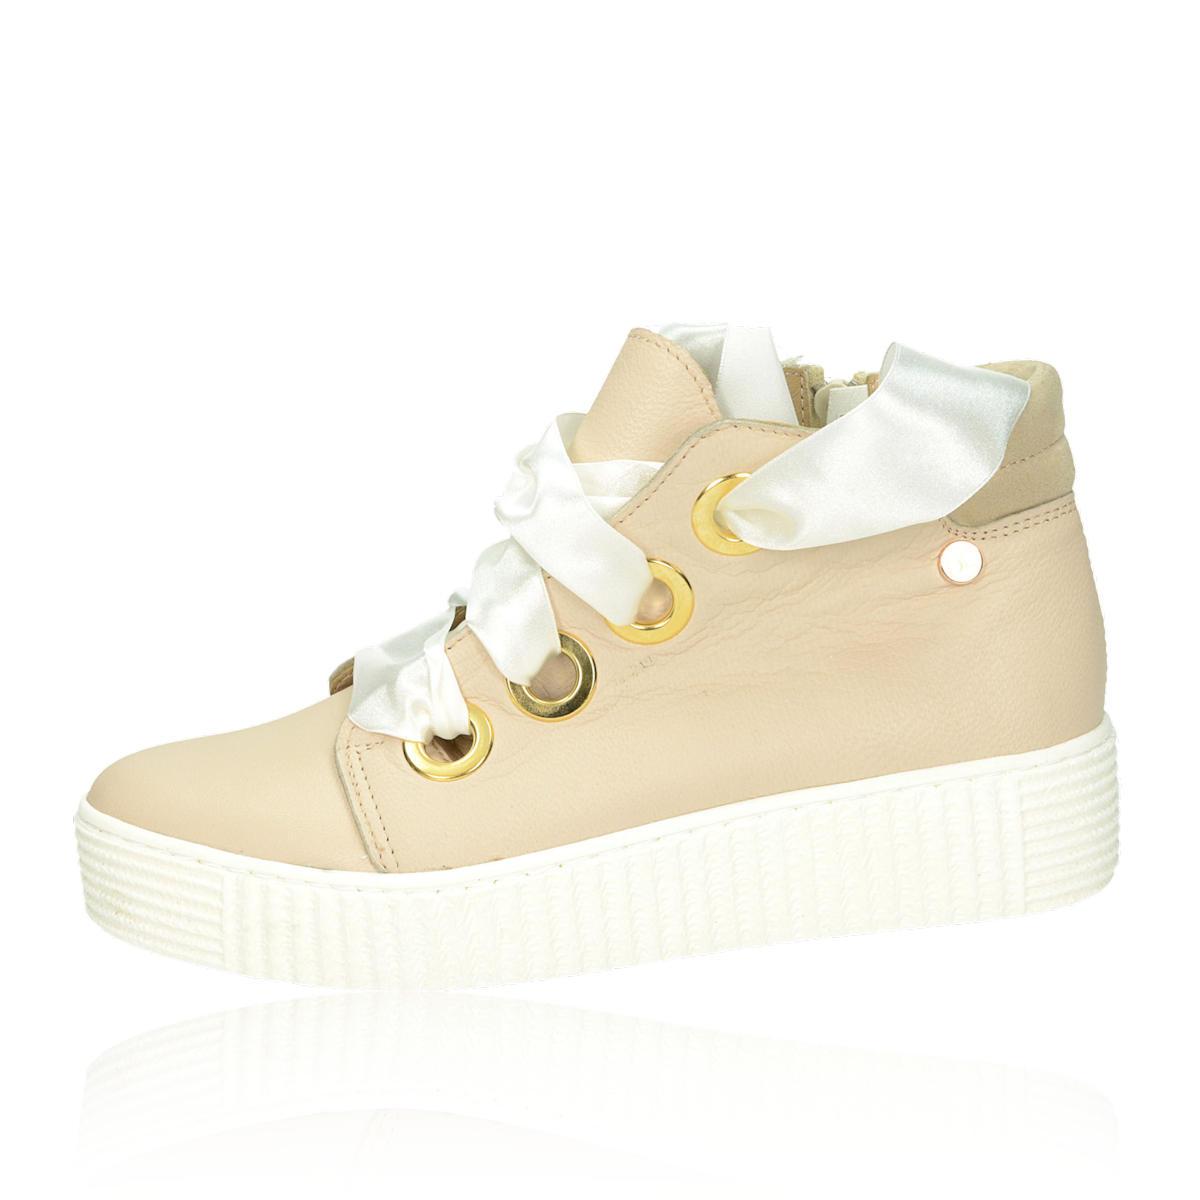 fc5a154b9433 ... Olivia shoes dámské stylové tenisky na platformě - béžové ...